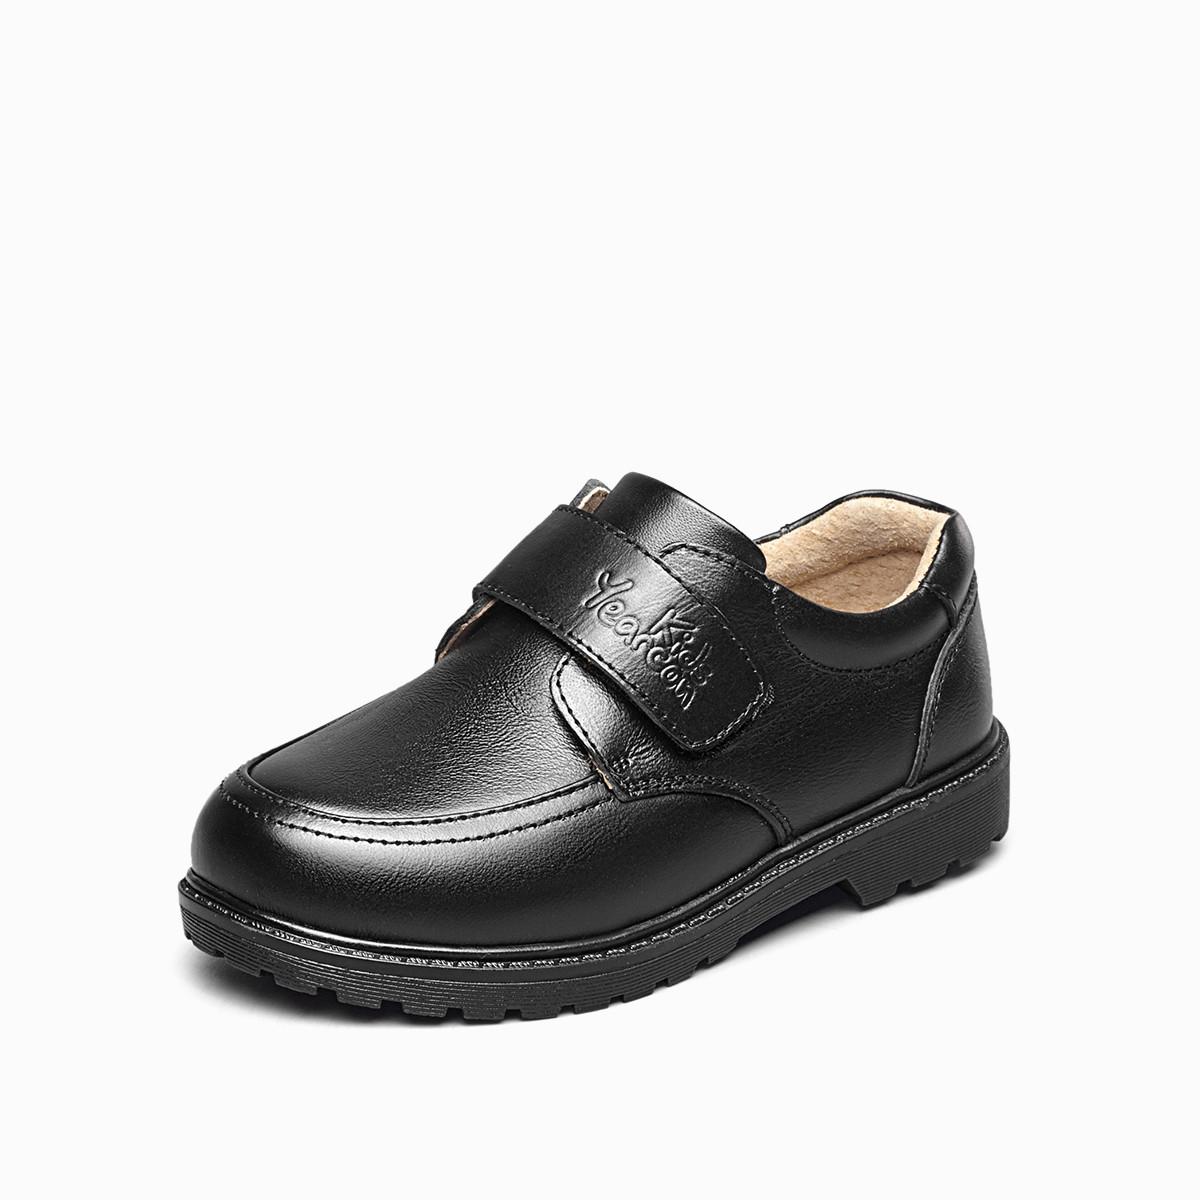 意尔康童鞋男童鞋20春季新款中大童休闲男童皮鞋演出鞋儿童皮鞋